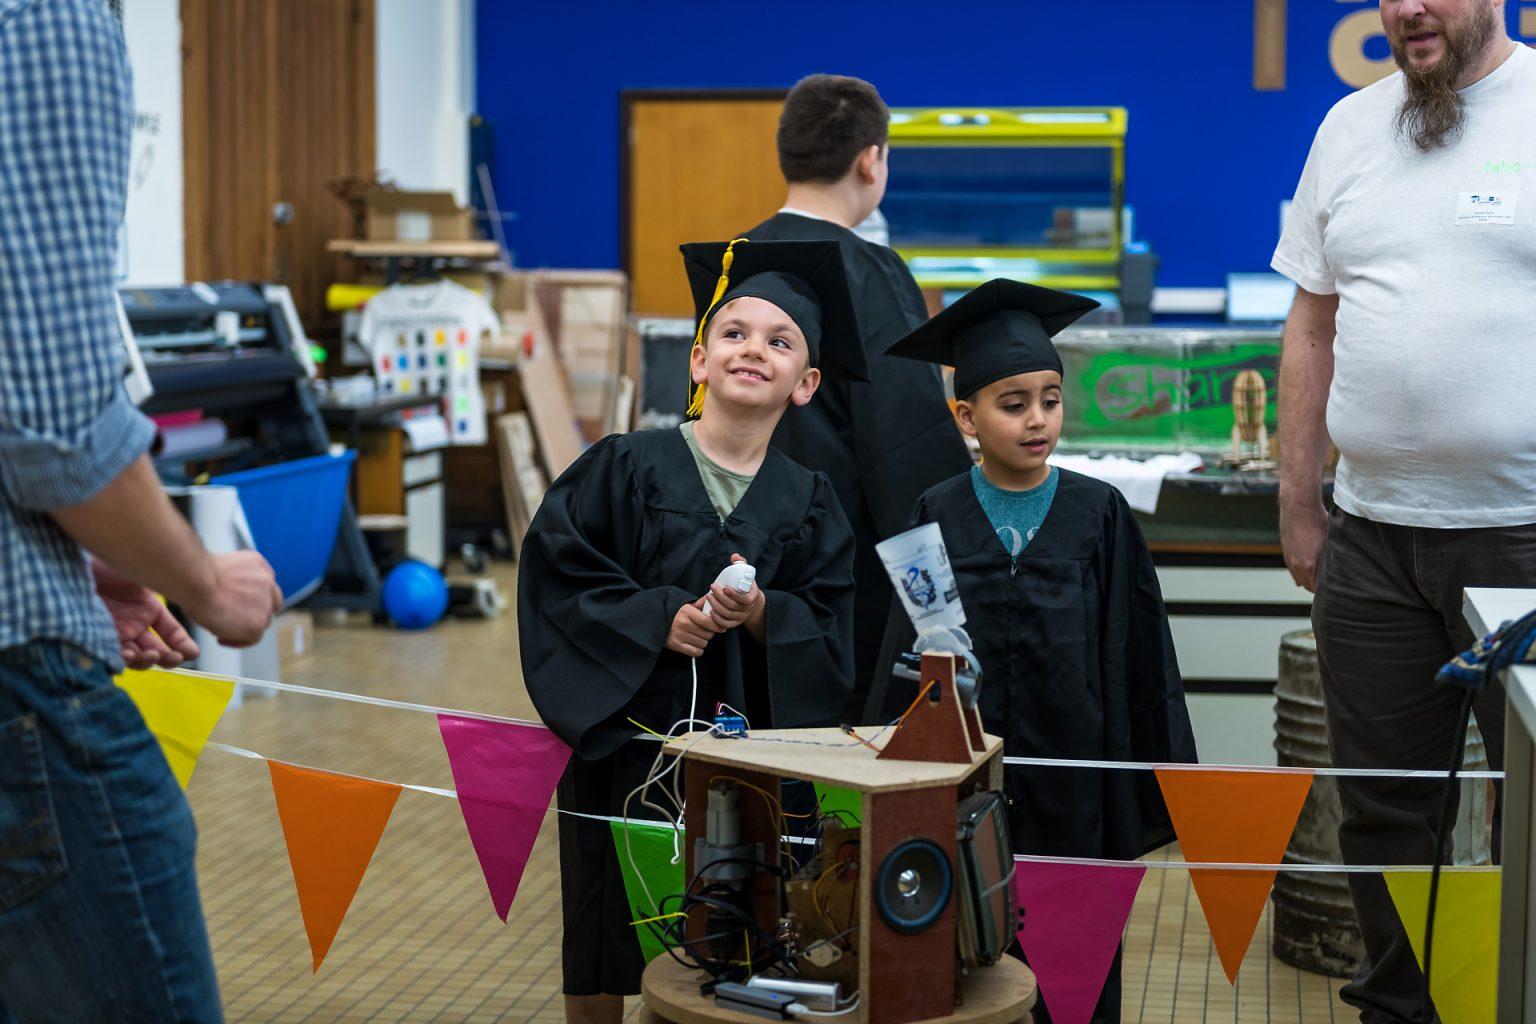 Université des Enfants de Charleroi amusement et apprentissage.  Reportage photographique de l'événement par Aurore Delsoir photographe événementiel